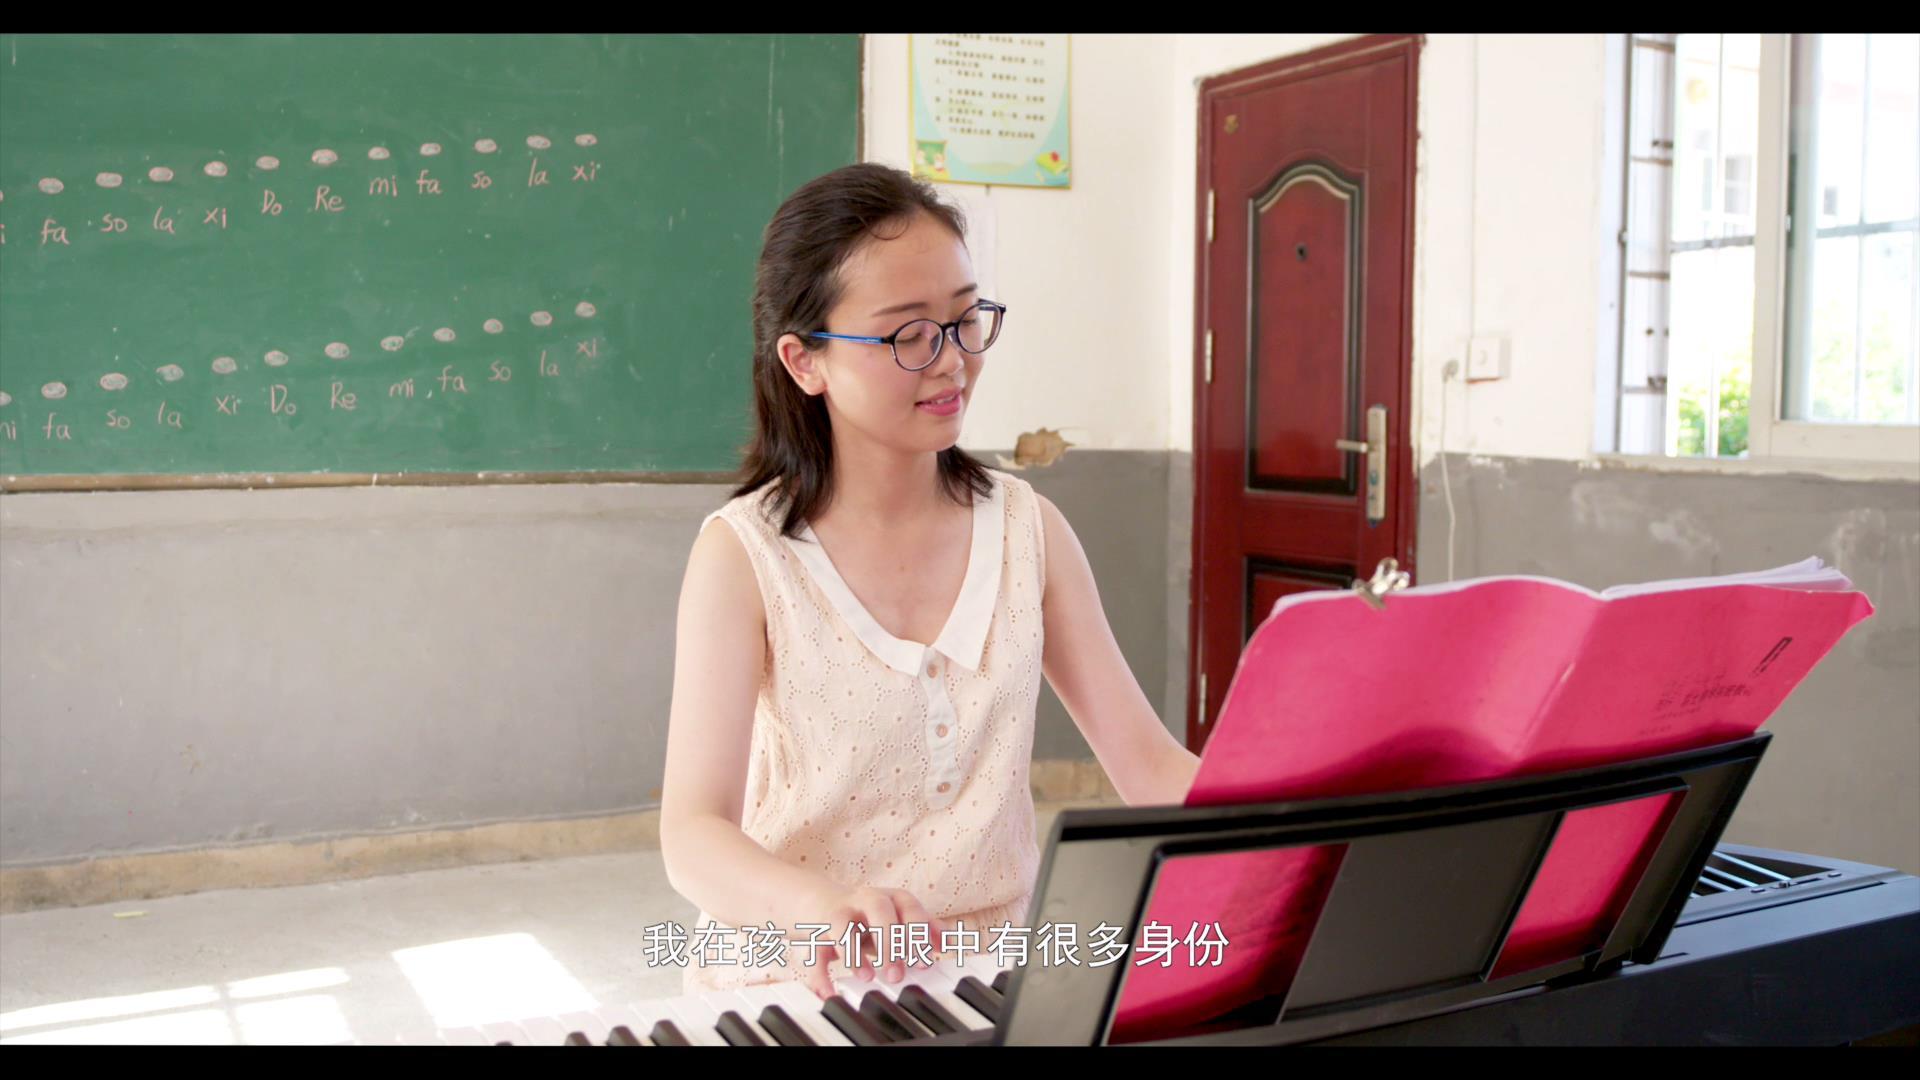 江西:钢琴上的90后女校长2018082[00_00_08][20190211-170608].jpg